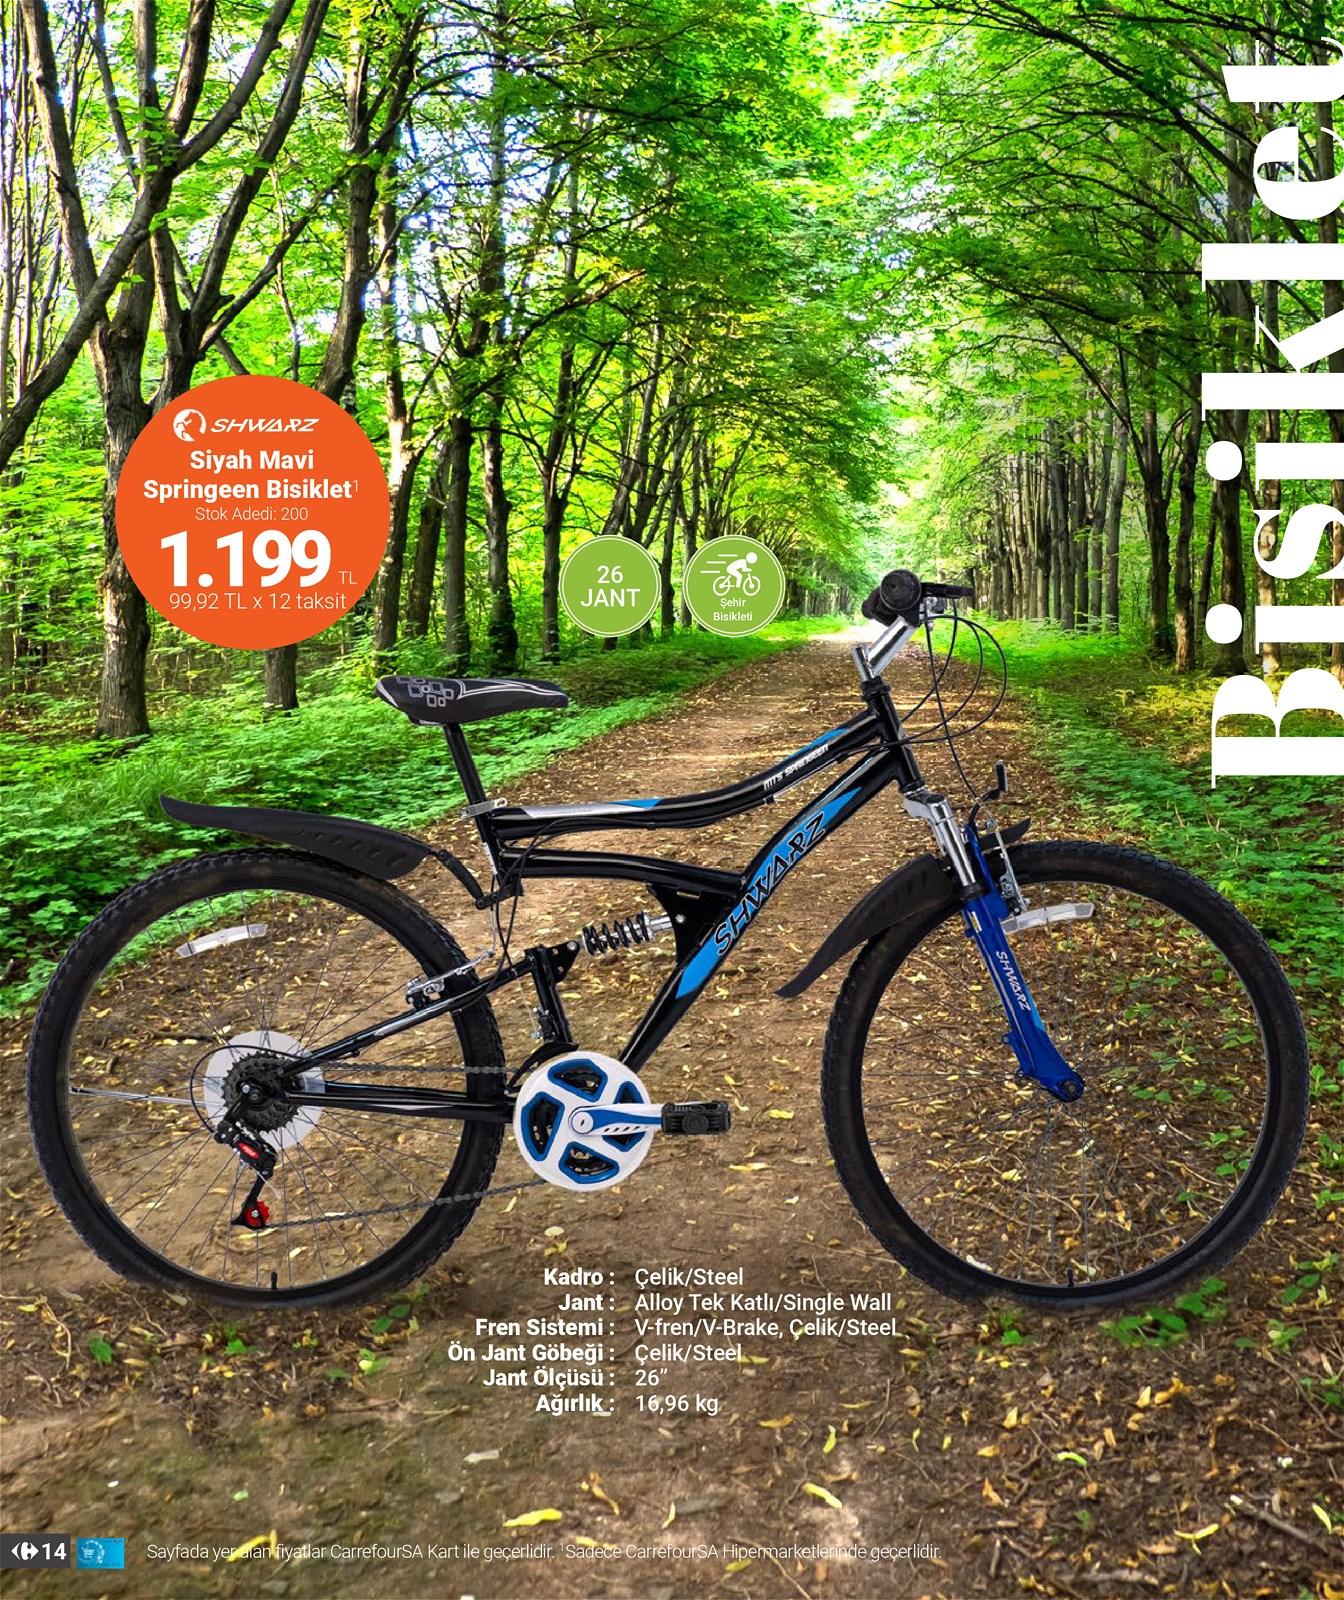 01.04.2021 CarrefourSA broşürü 14. sayfa